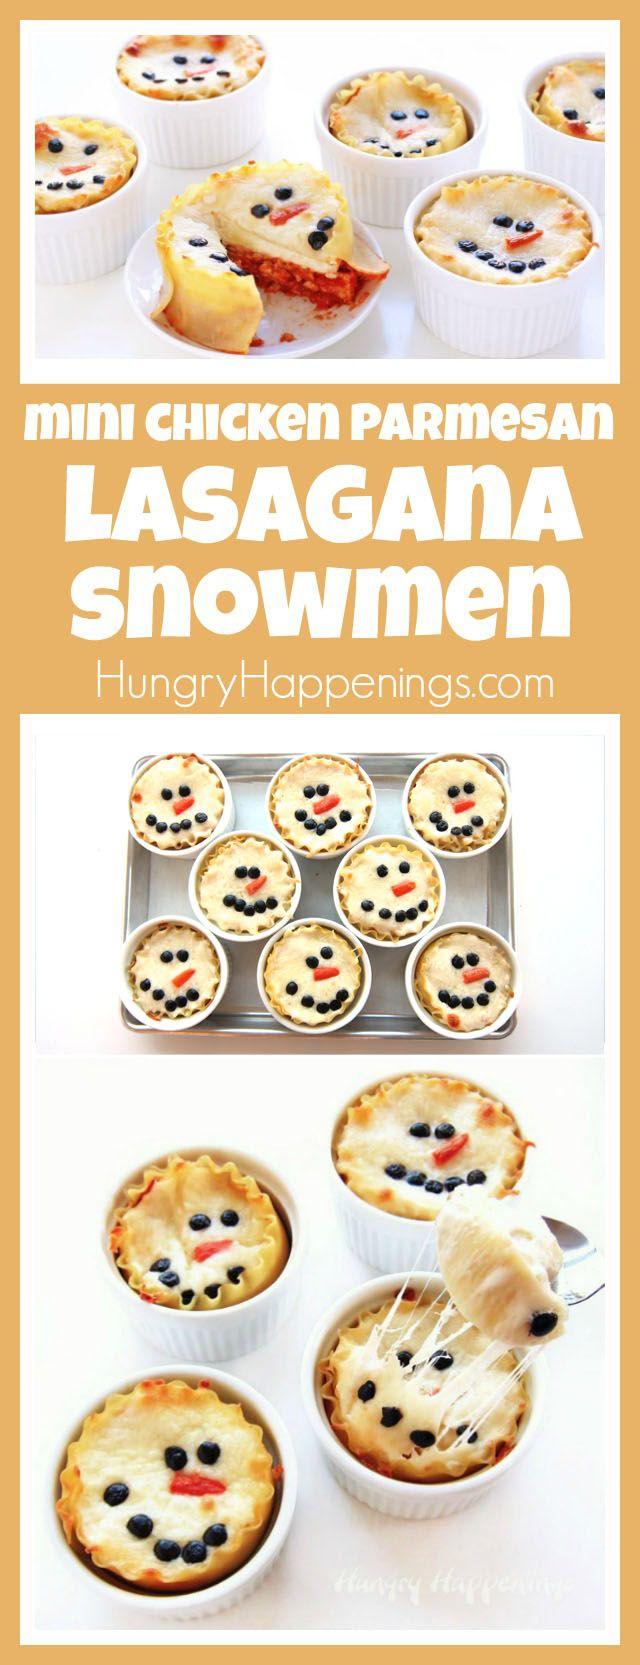 Diese niedlichen Mini-Huhn Parmesan Lasagna Schneemann wärmt Ihr Herz und halten Sie Ihren Bauch voll in diesem Winter.  Jede einzelne Portionsgröße Mahlzeit wird eine festliche Note zu Ihrer Weihnachtsfeier hinzuzufügen.